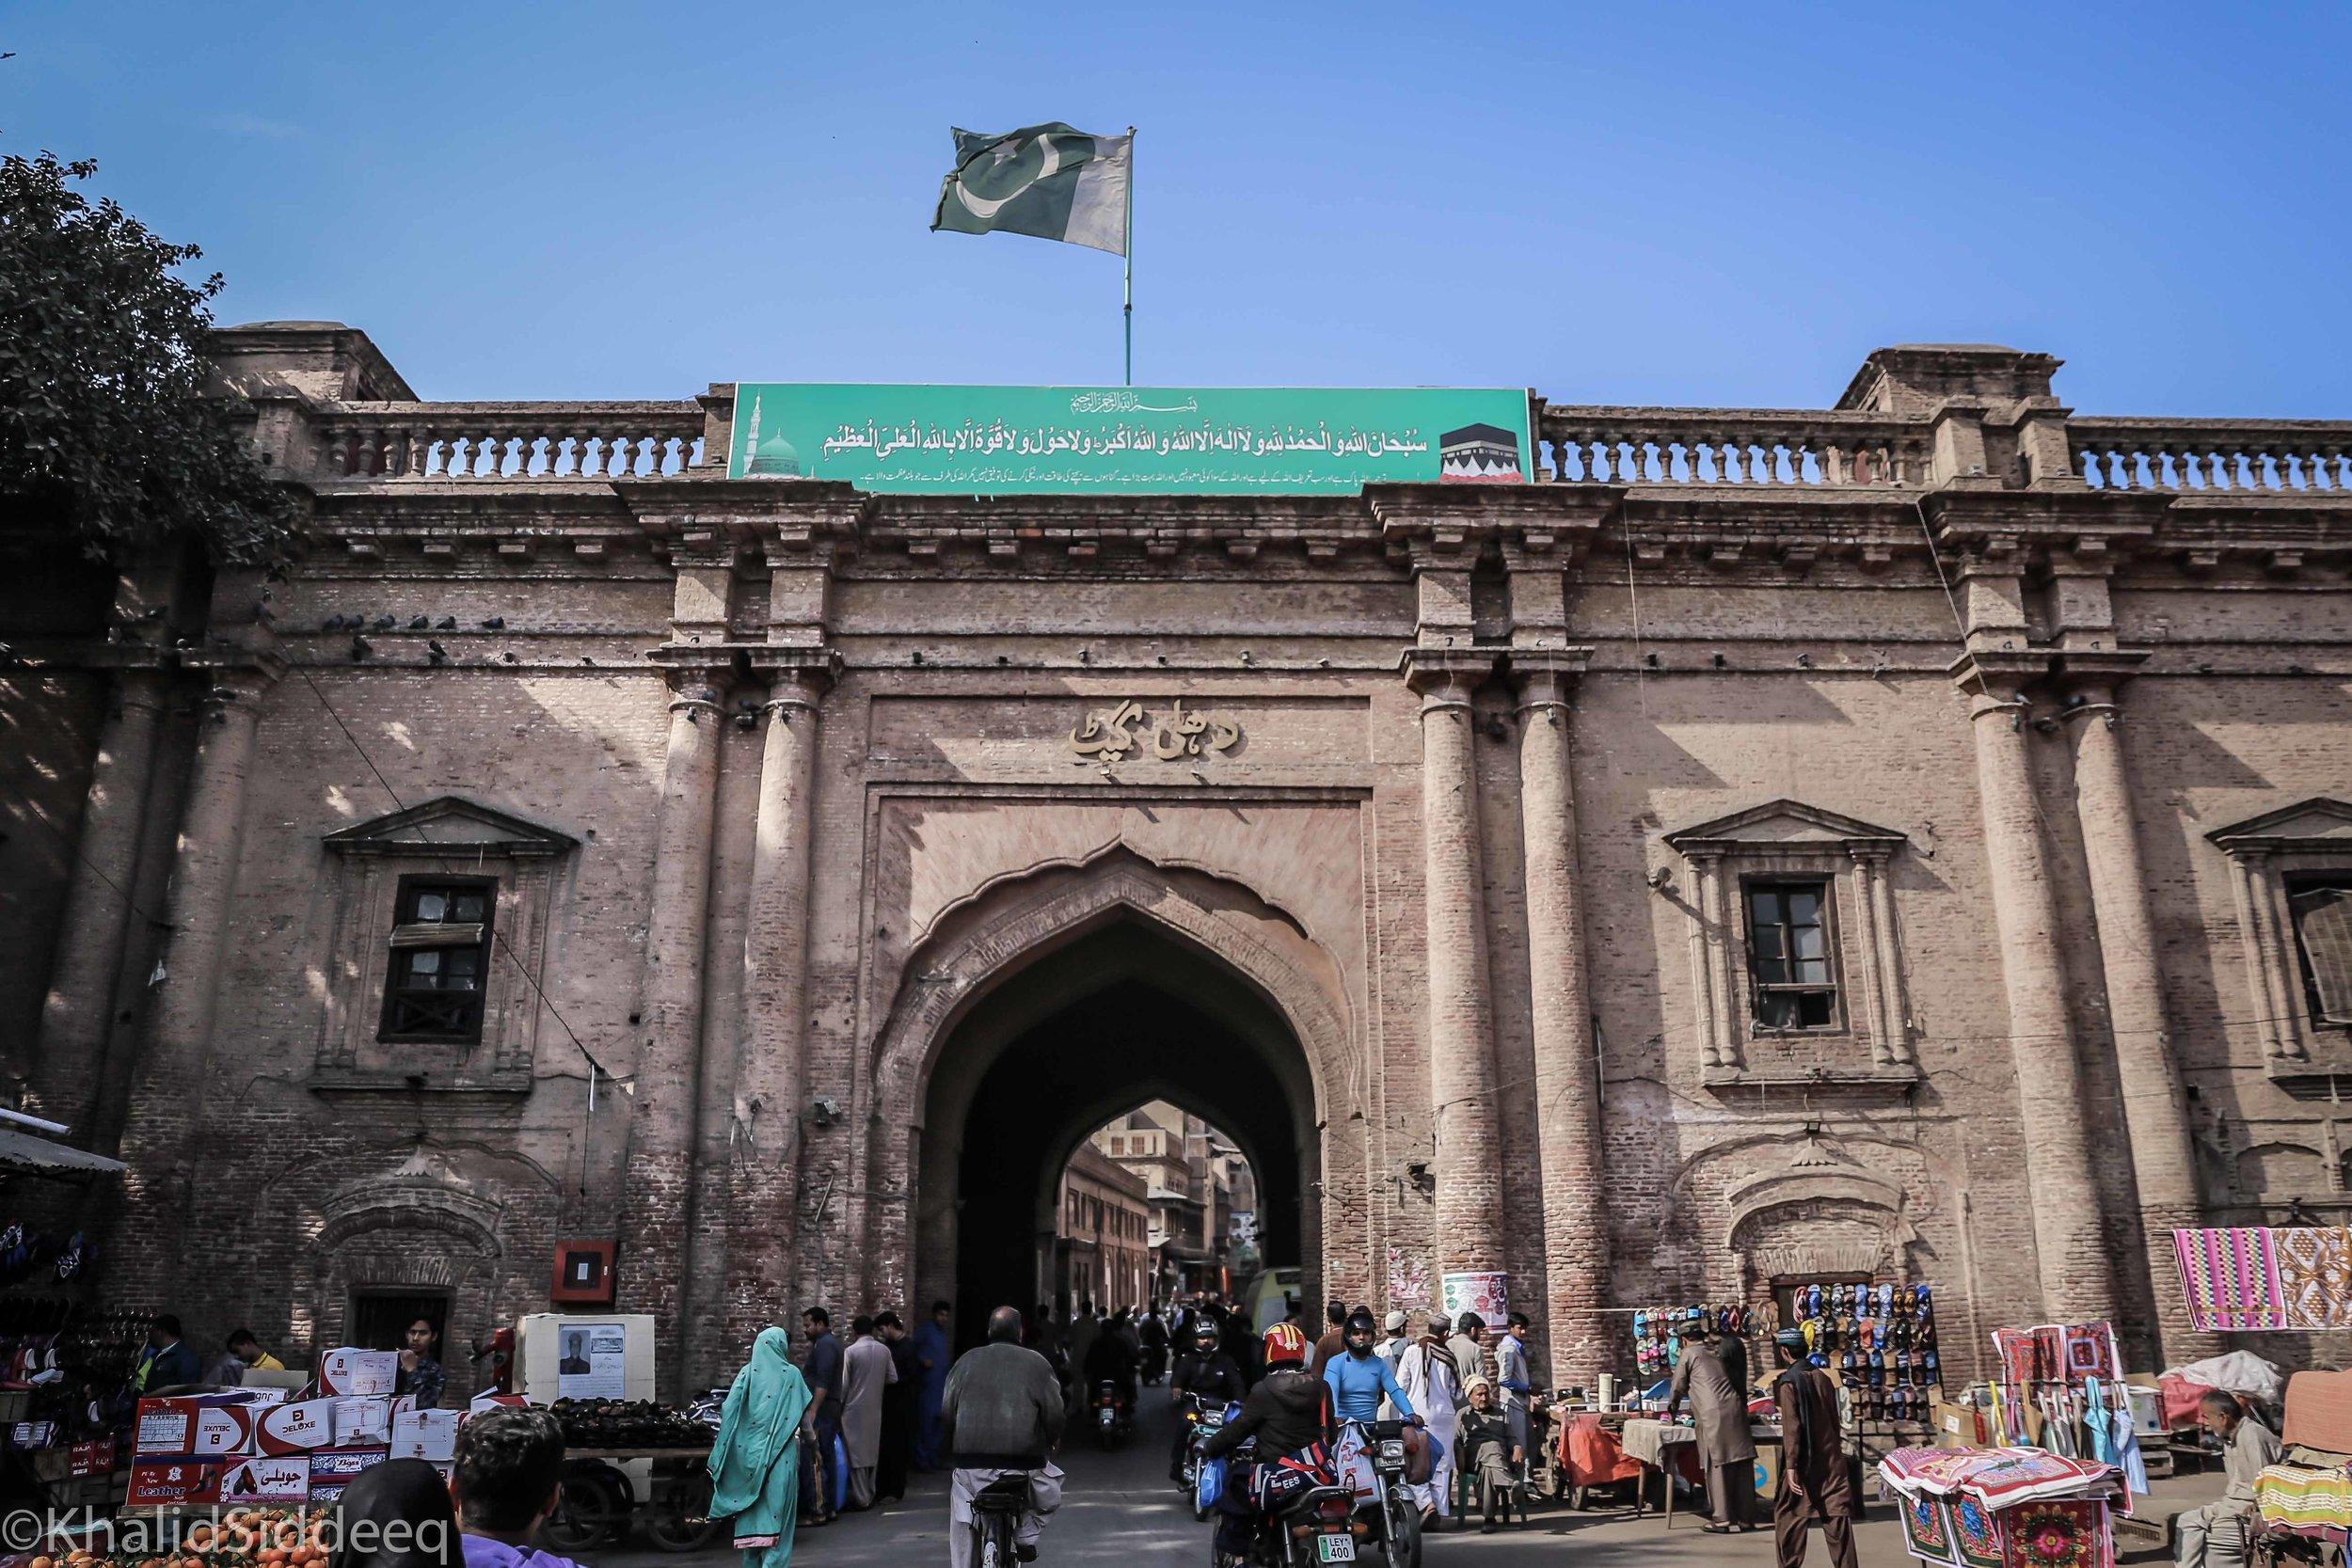 بوابة دلهي - أحد بوابات لاهور الثلاثة عشر